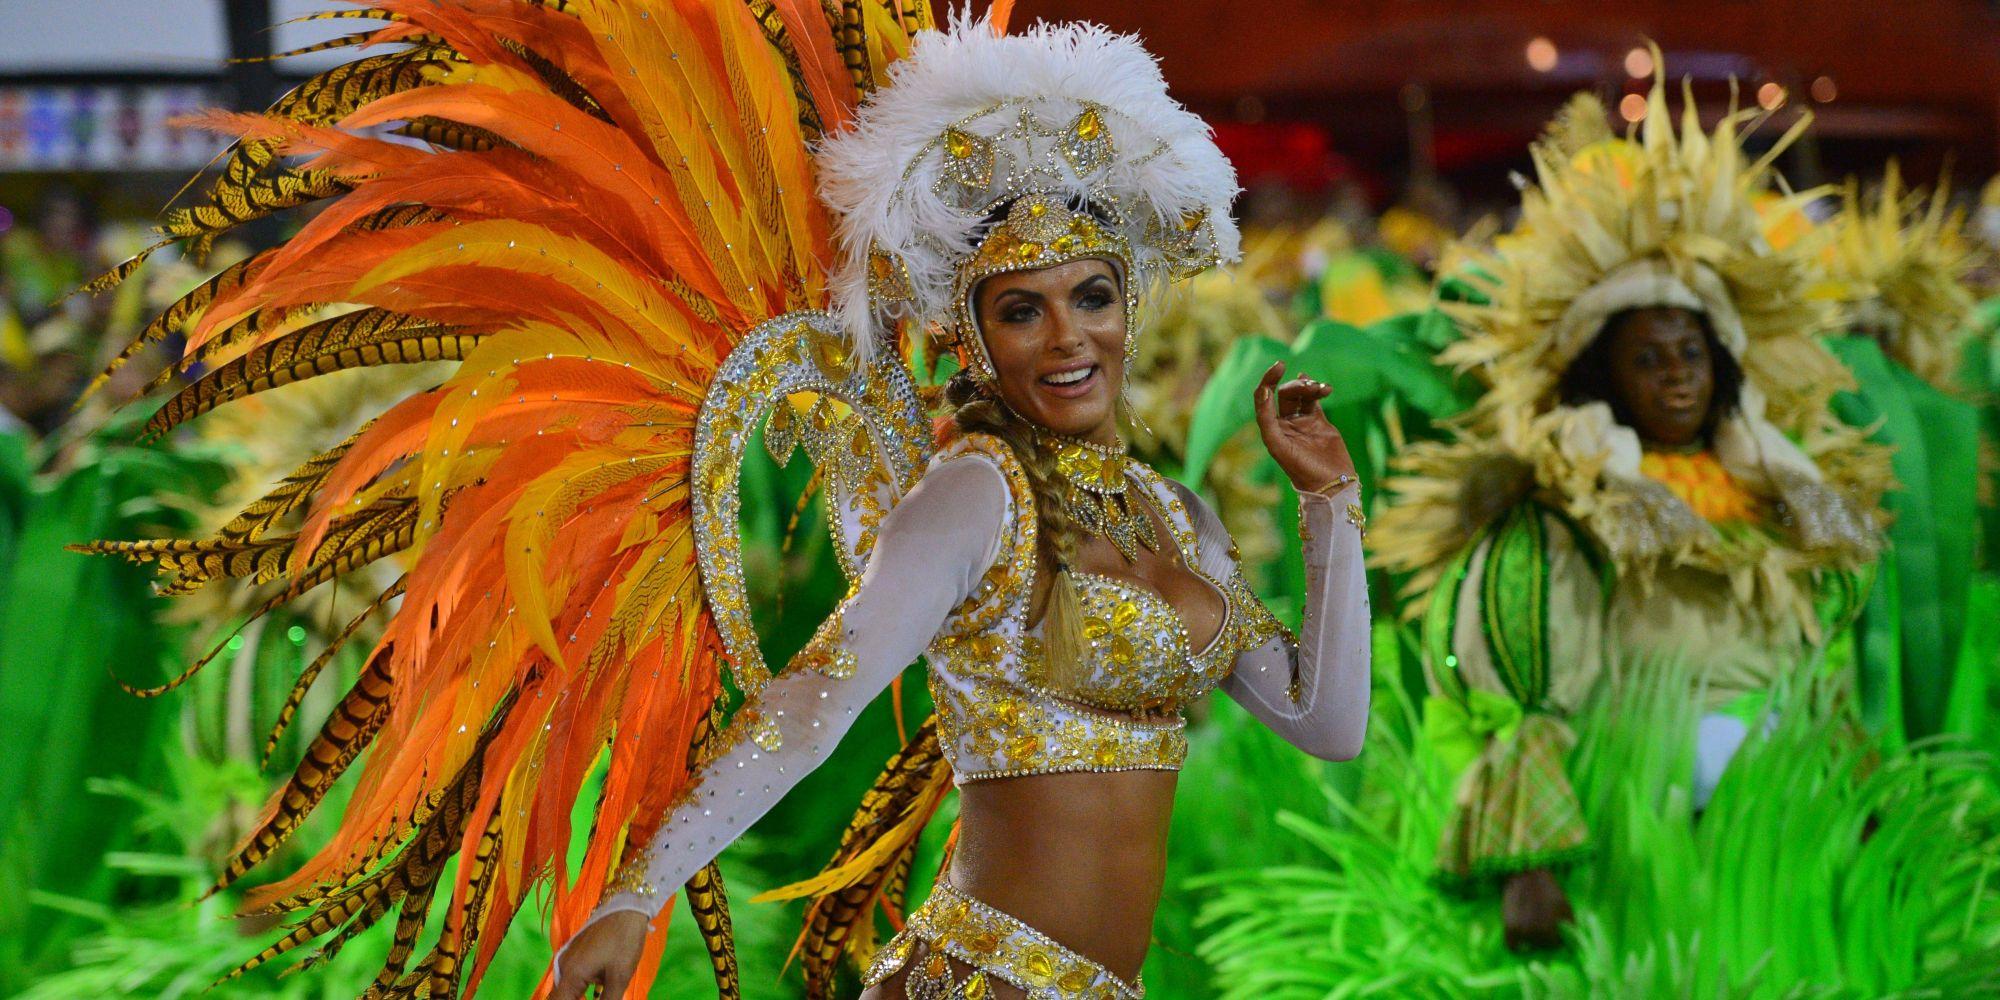 BRAZIL-CARNIVAL-RIO-PARADE-VILA ISABEL